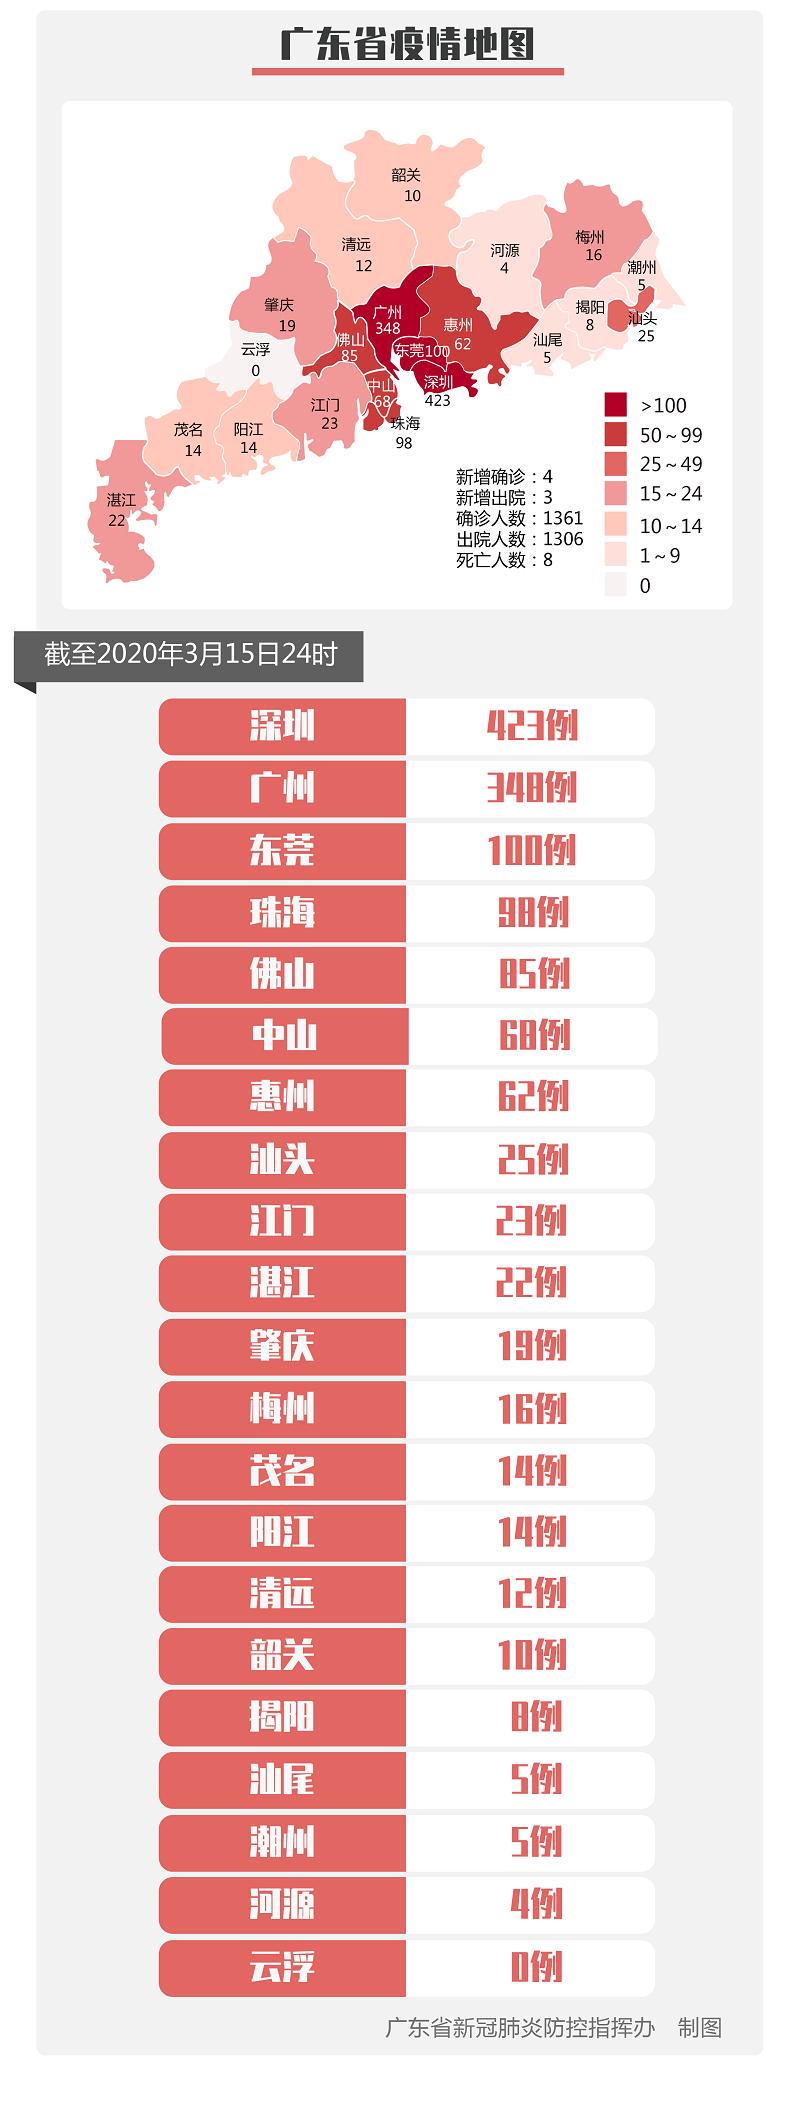 3月15日广东新型冠状病毒感染肺炎疫情 新增确诊4例 累计1361例